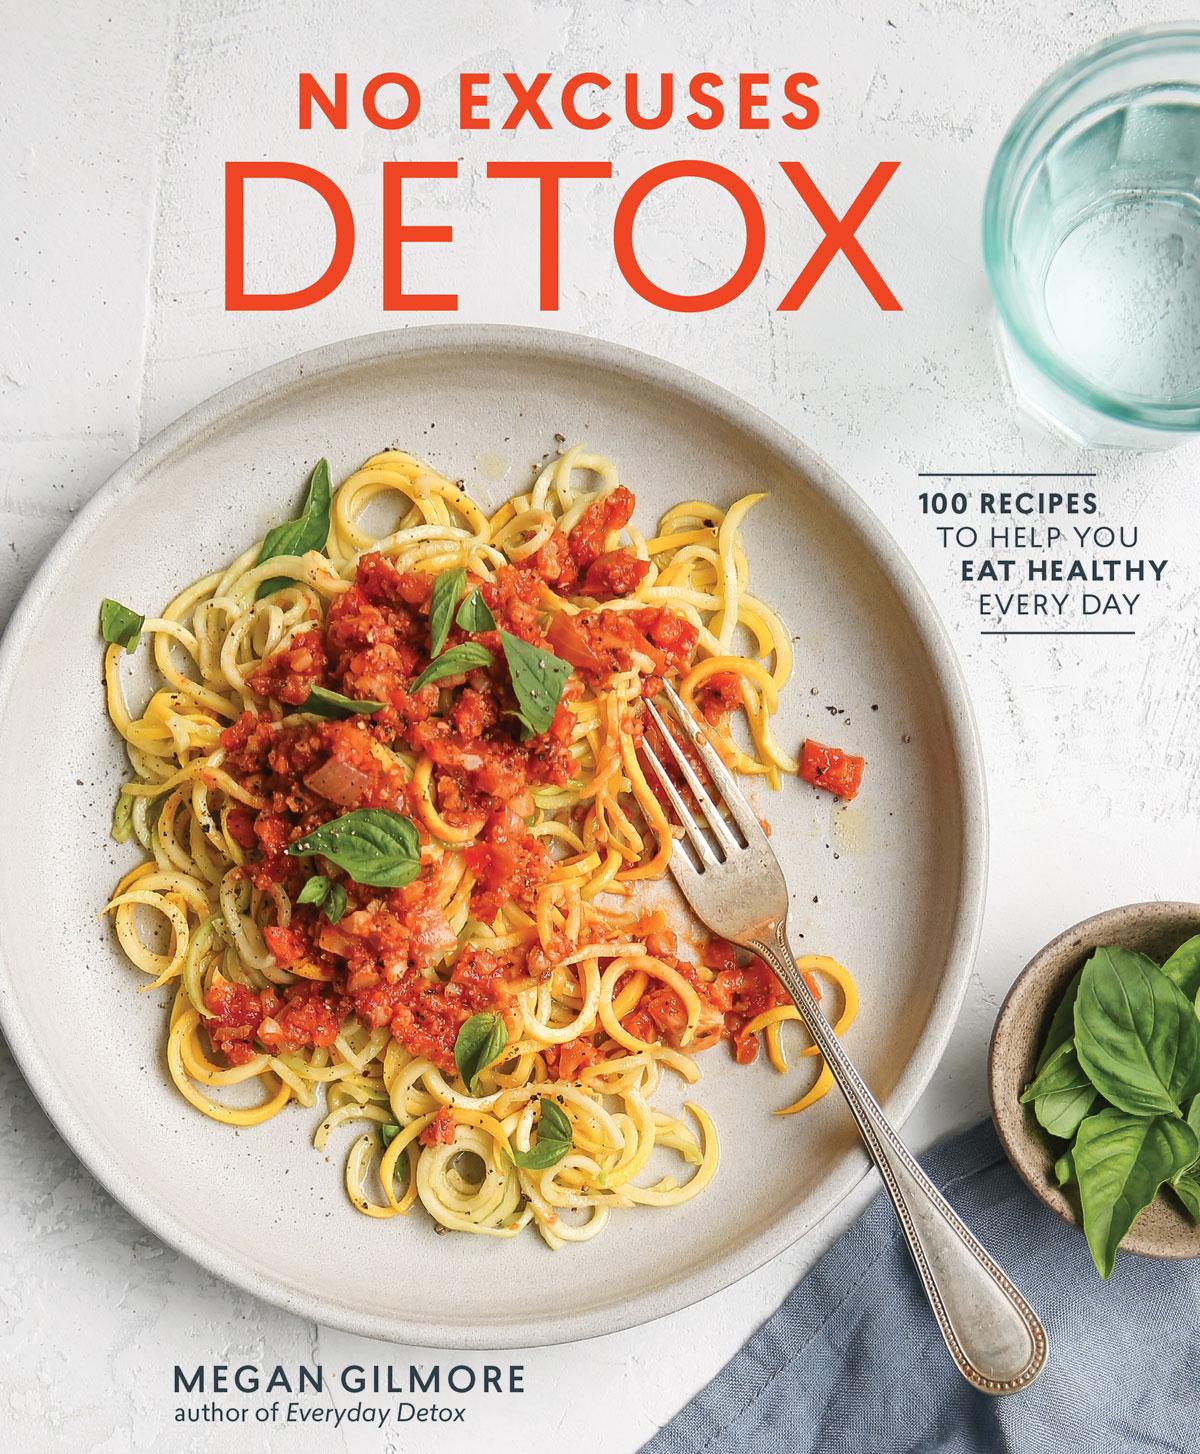 no excuses detox cookbook